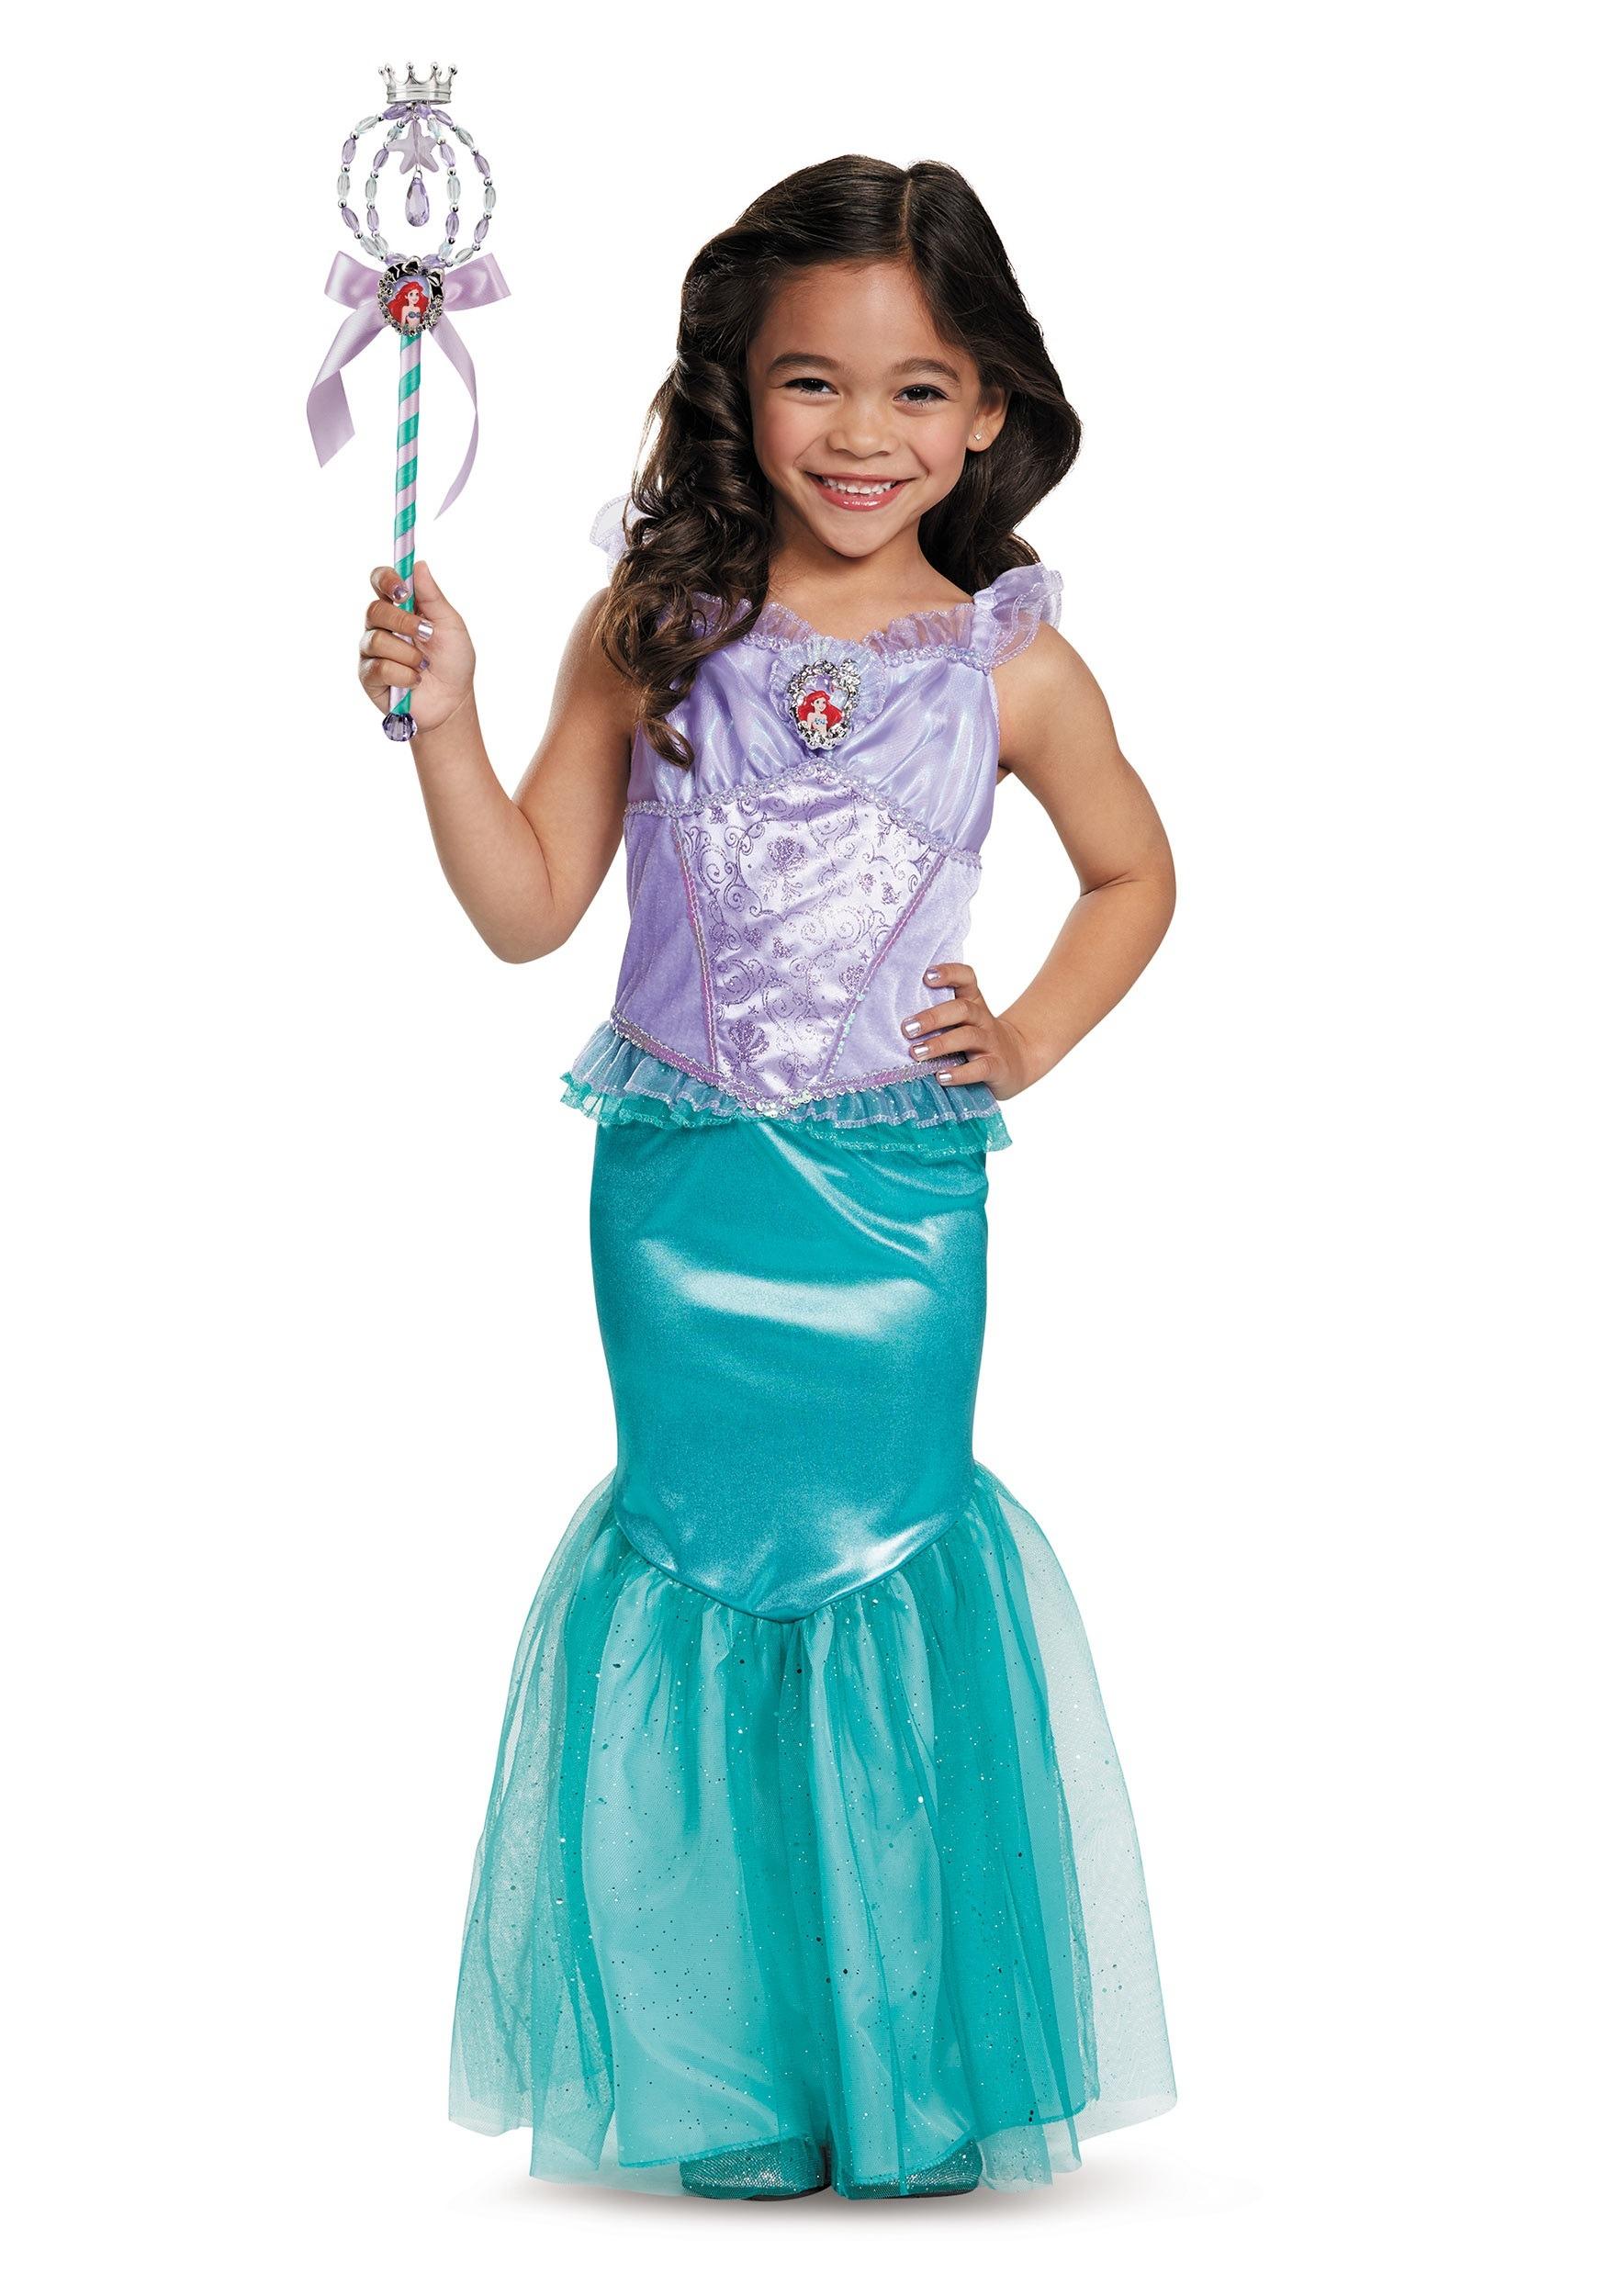 Petite sir ne la costume classique d 39 ariel enfant princesse disney filles de 3 ans - Petite princesse disney ...